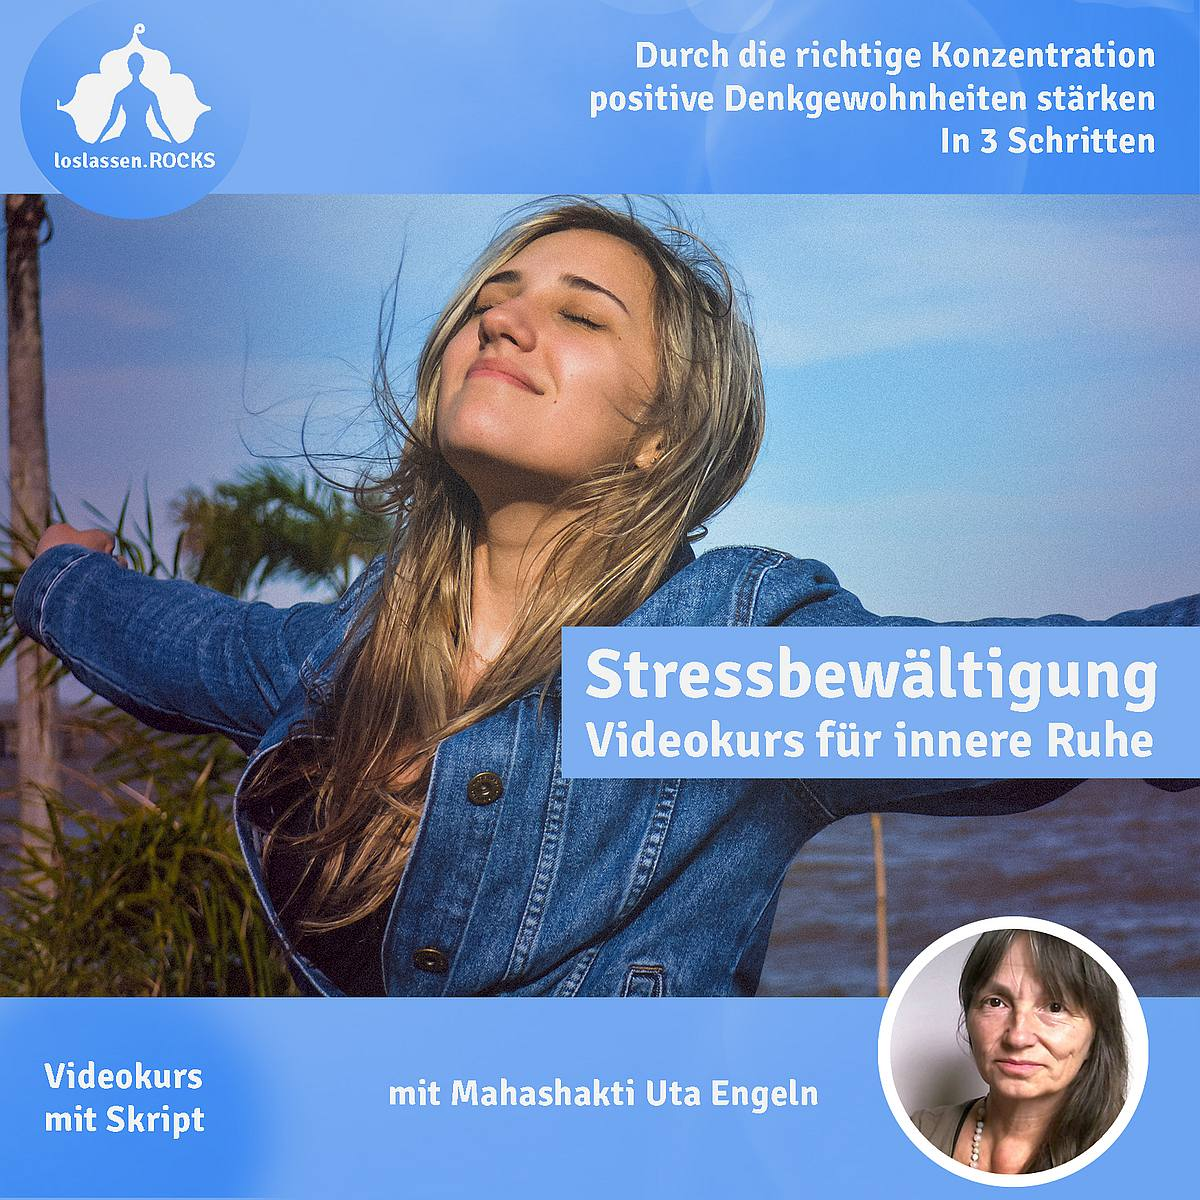 Videokurs Stressbewältigung durch die richtige Konzentration: Positive Denkgewohnheiten stärken!